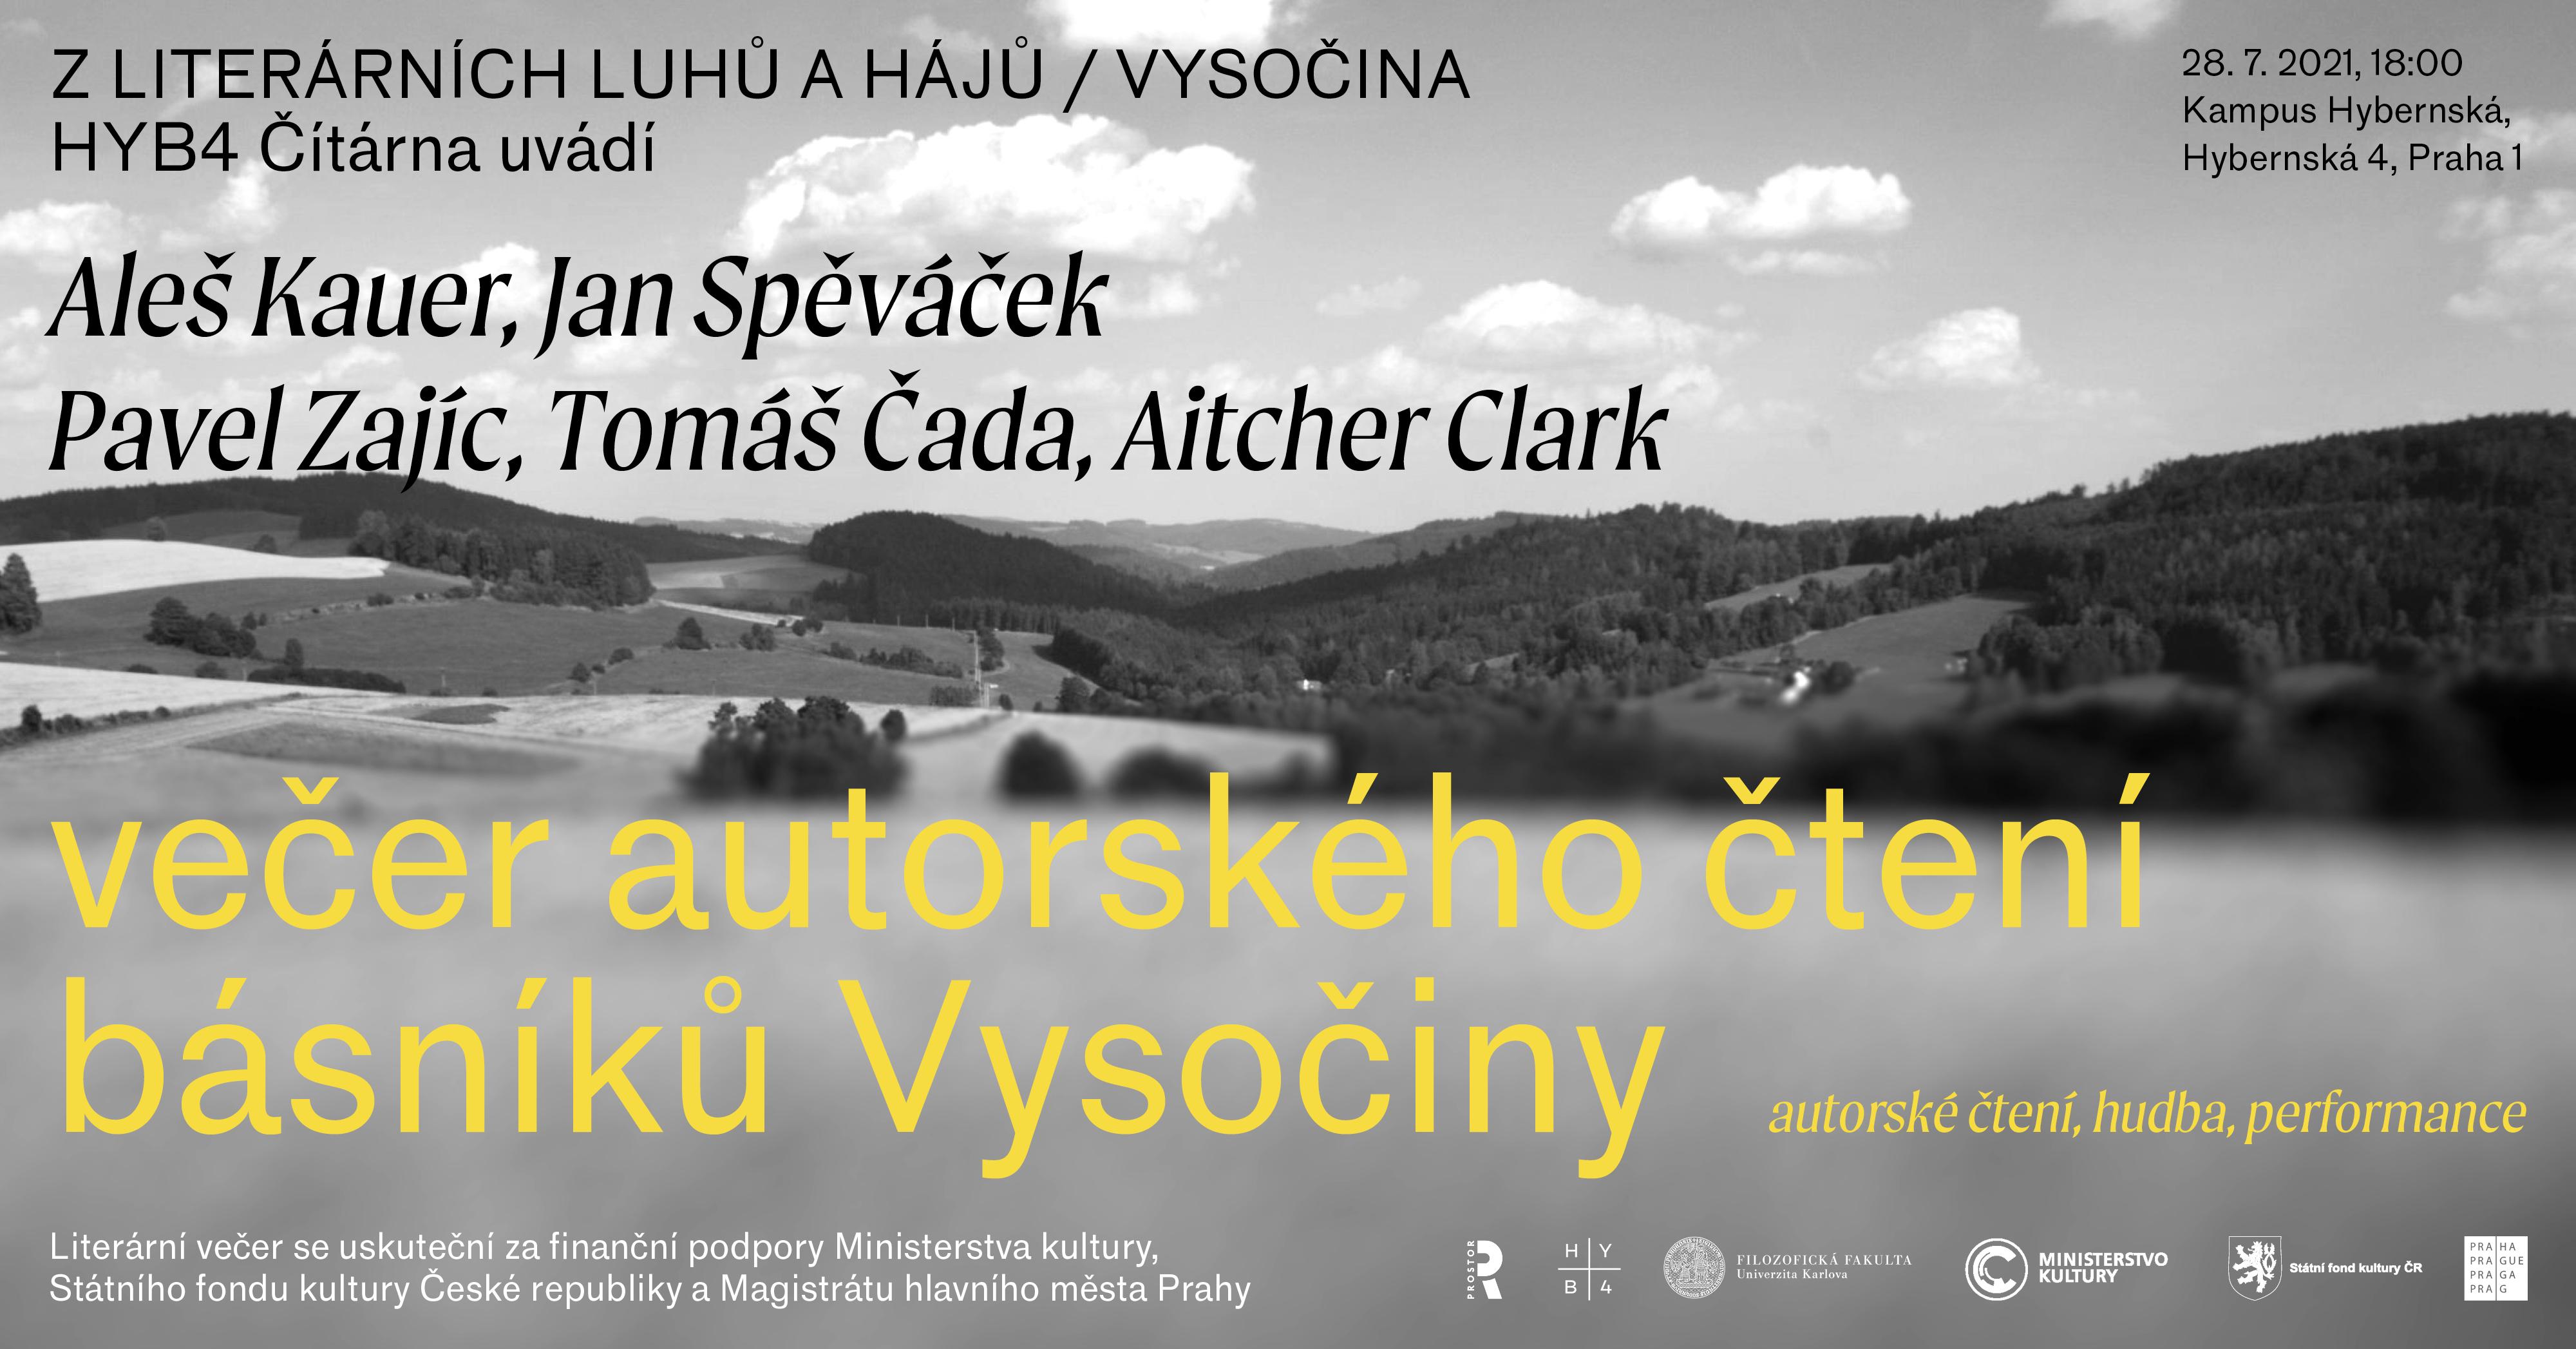 HYB4 ČÍTÁRNA: Z literárních luhů a hájů – Vysočina